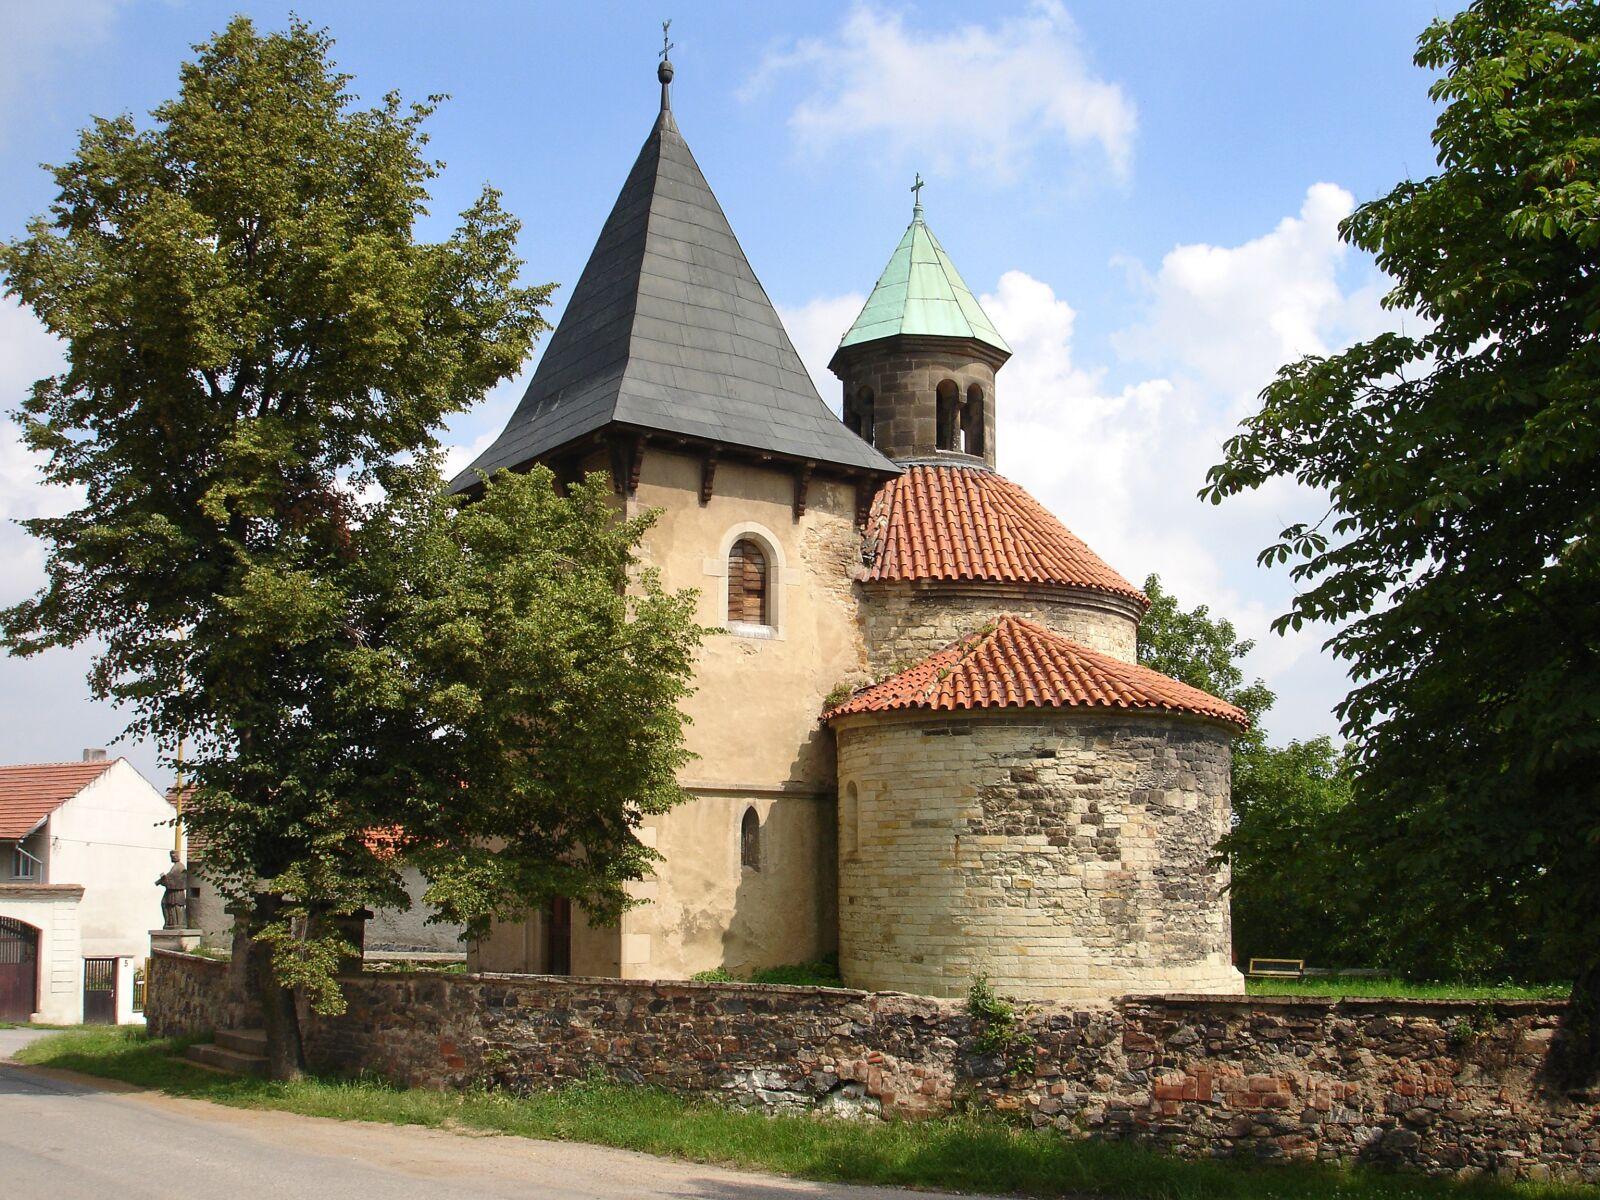 rotunda, dove, church